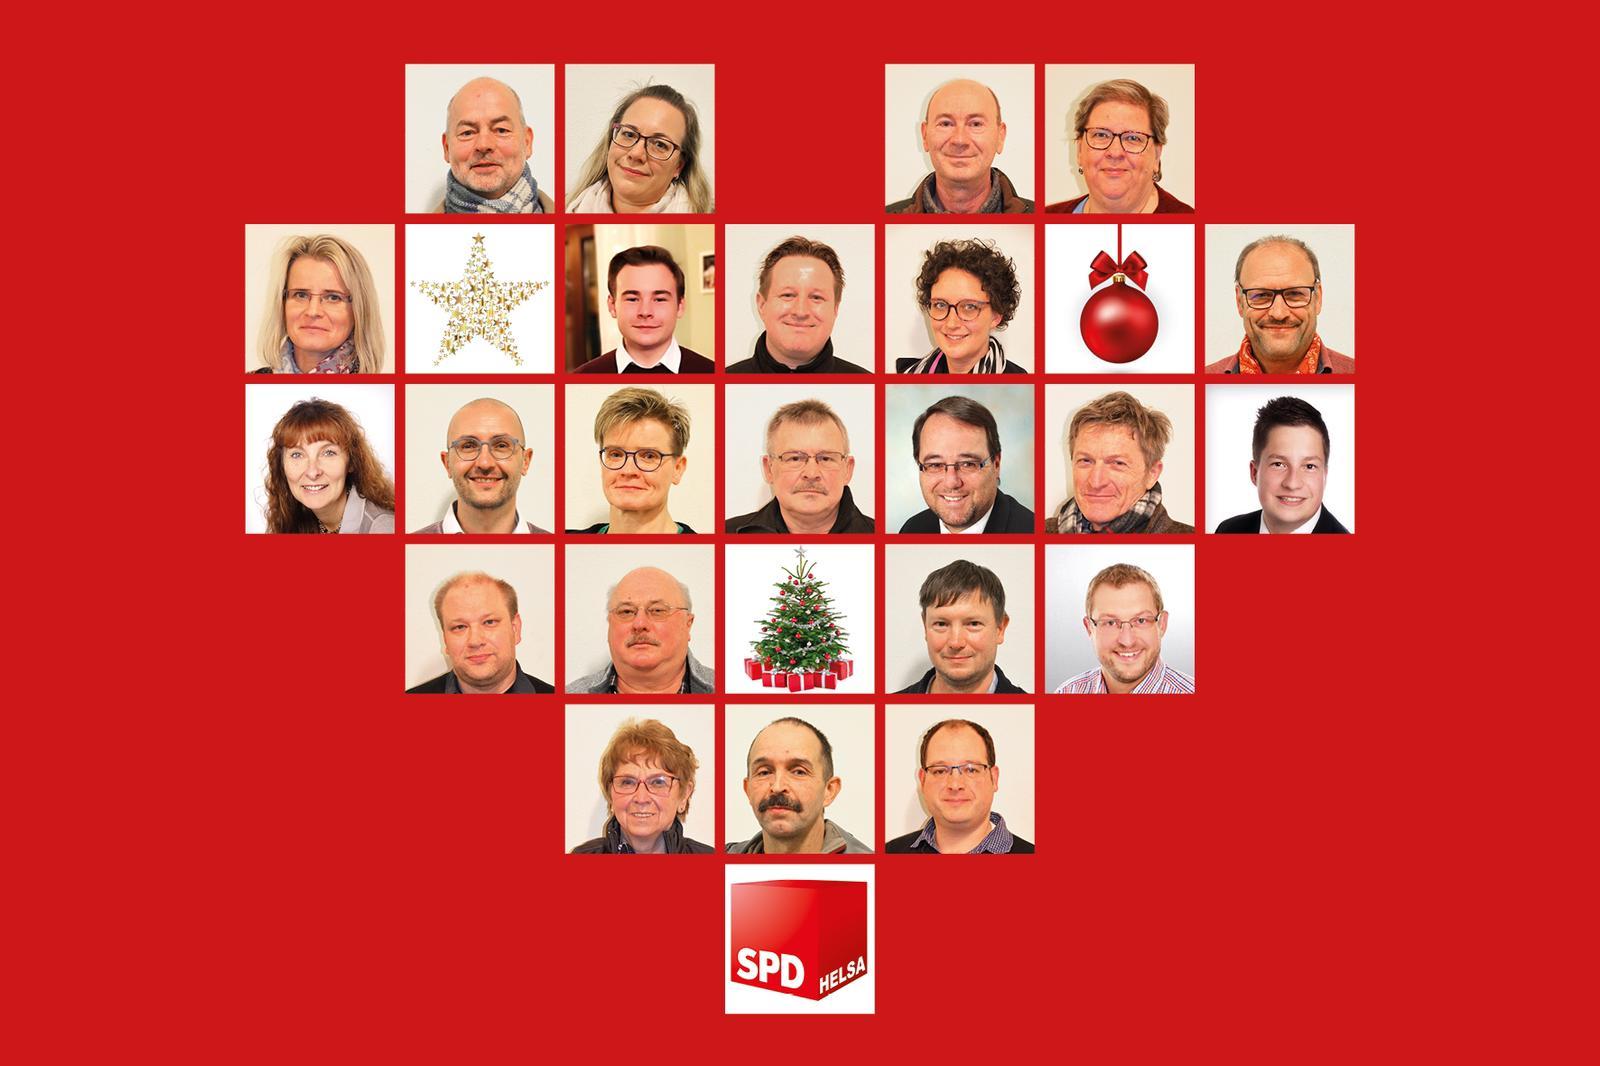 Grafik: Weihnachtsgrüße mit Collage der Kandidaten in Herzform